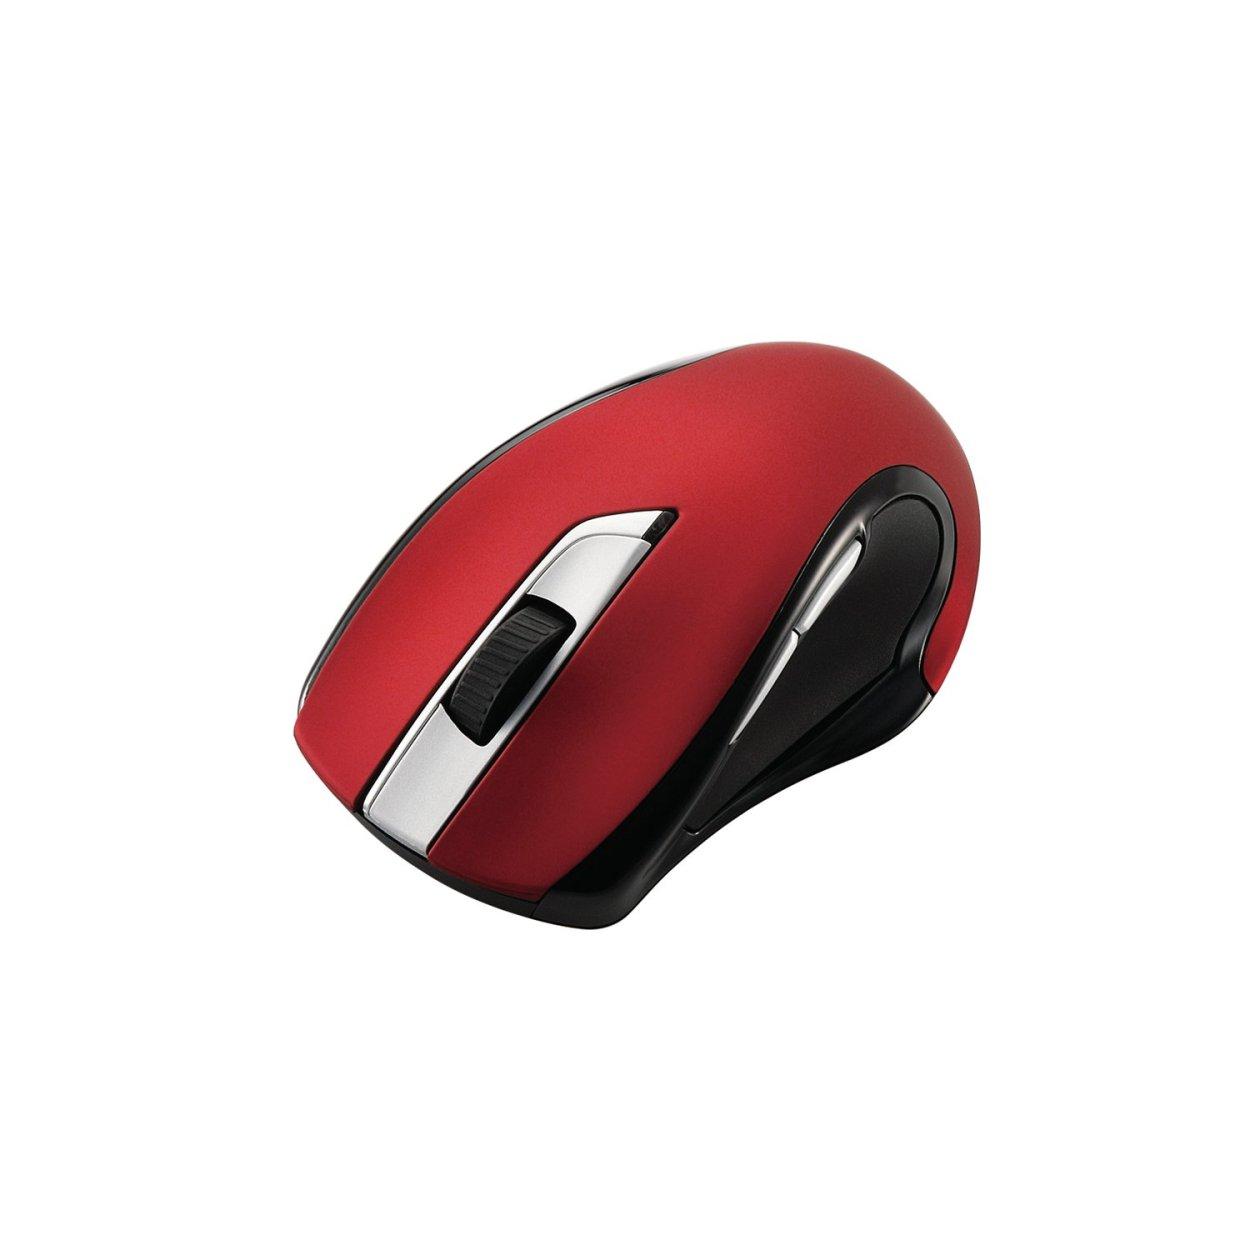 5ボタンレーザーワイヤレスマウス m d21dlシリーズ